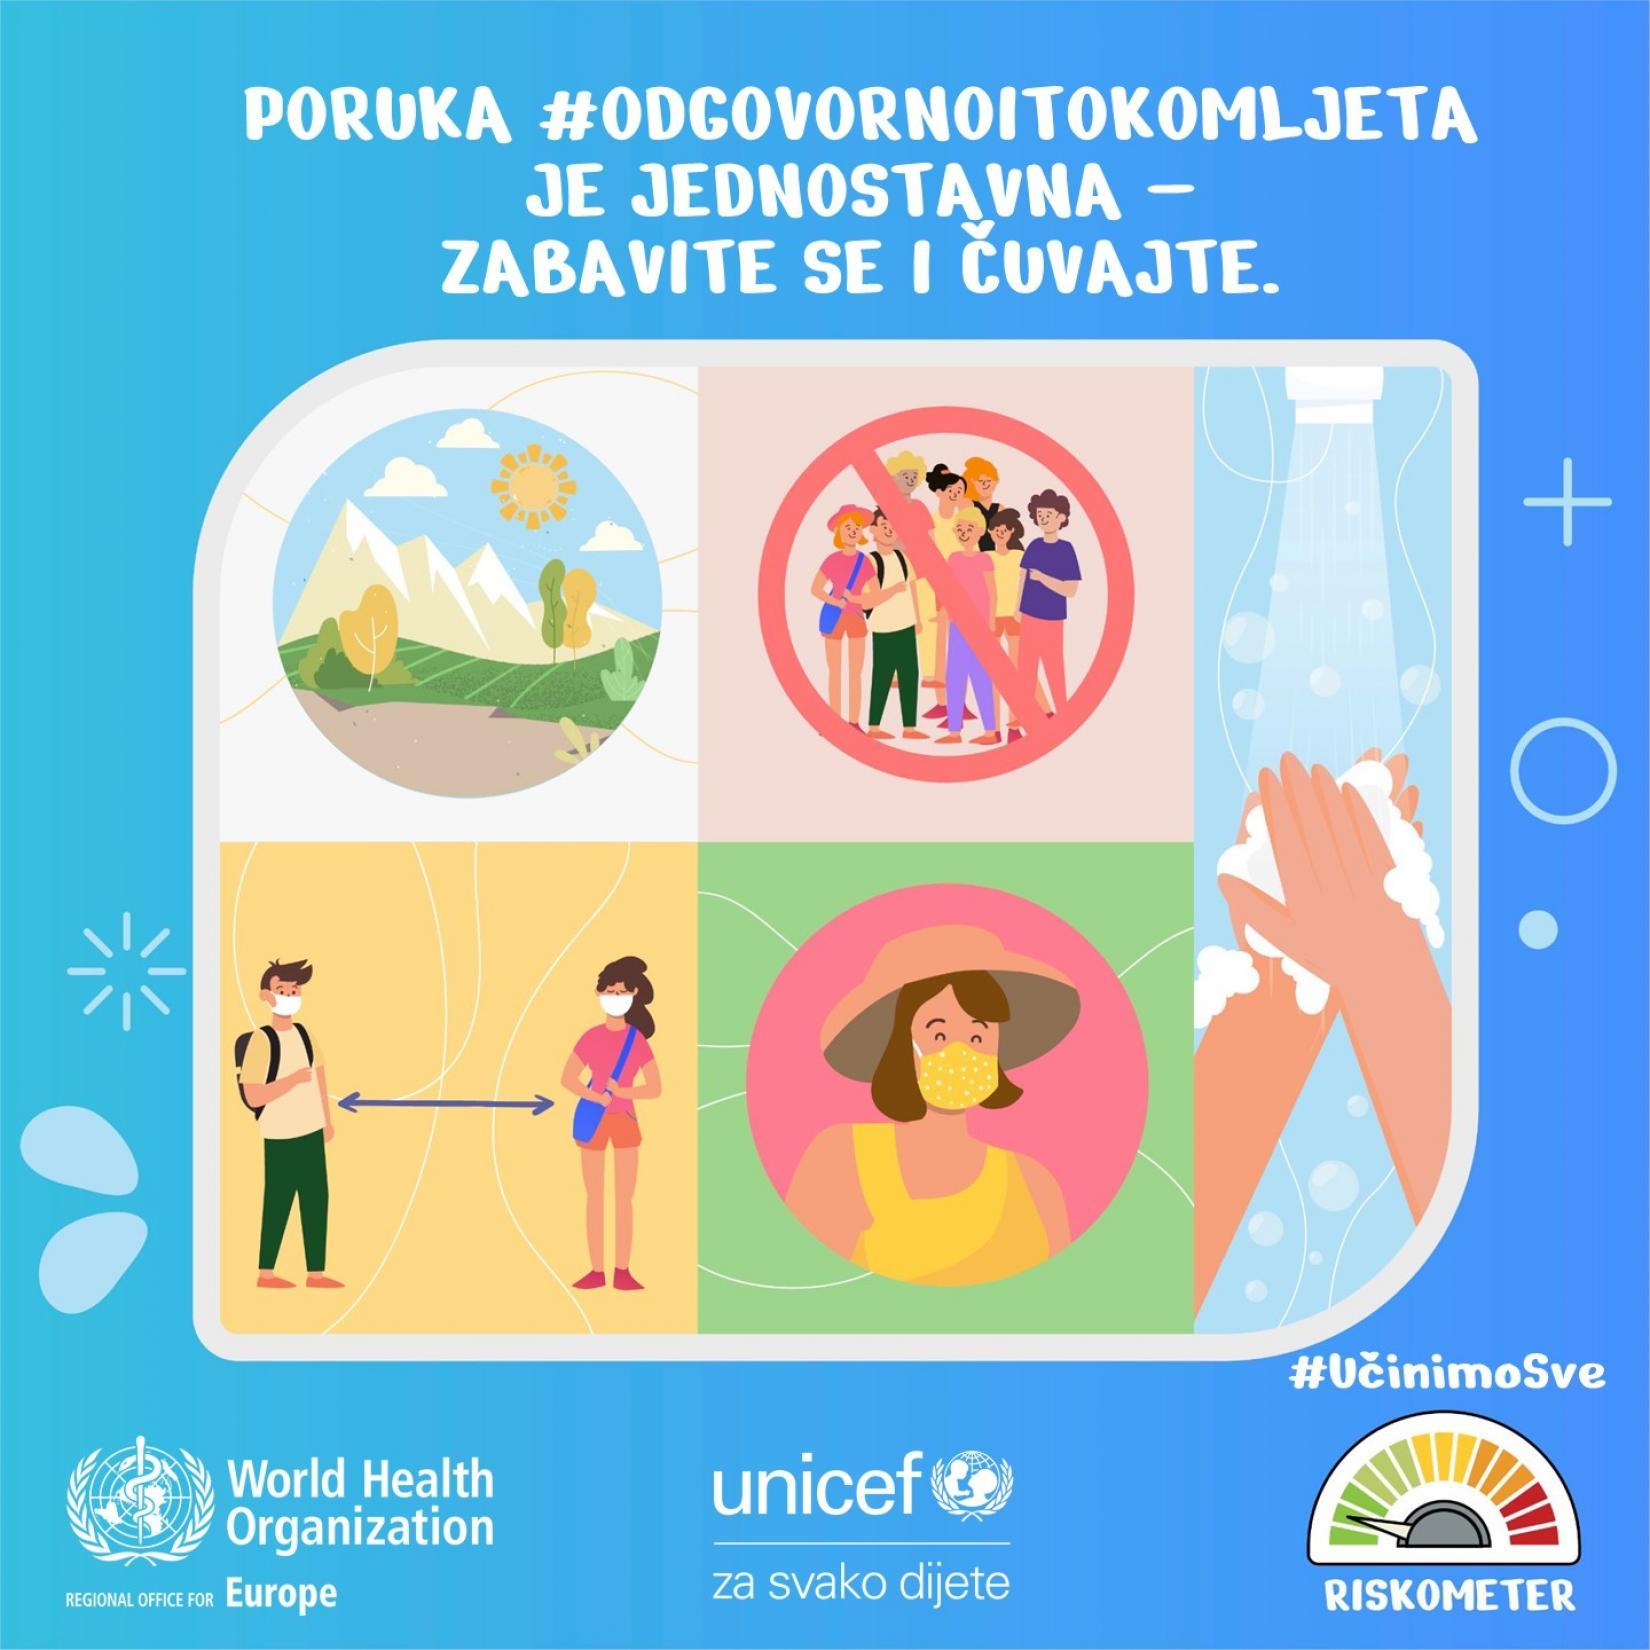 BiH: UNICEF podržava kampanju #OdgovornoiTokomLjeta